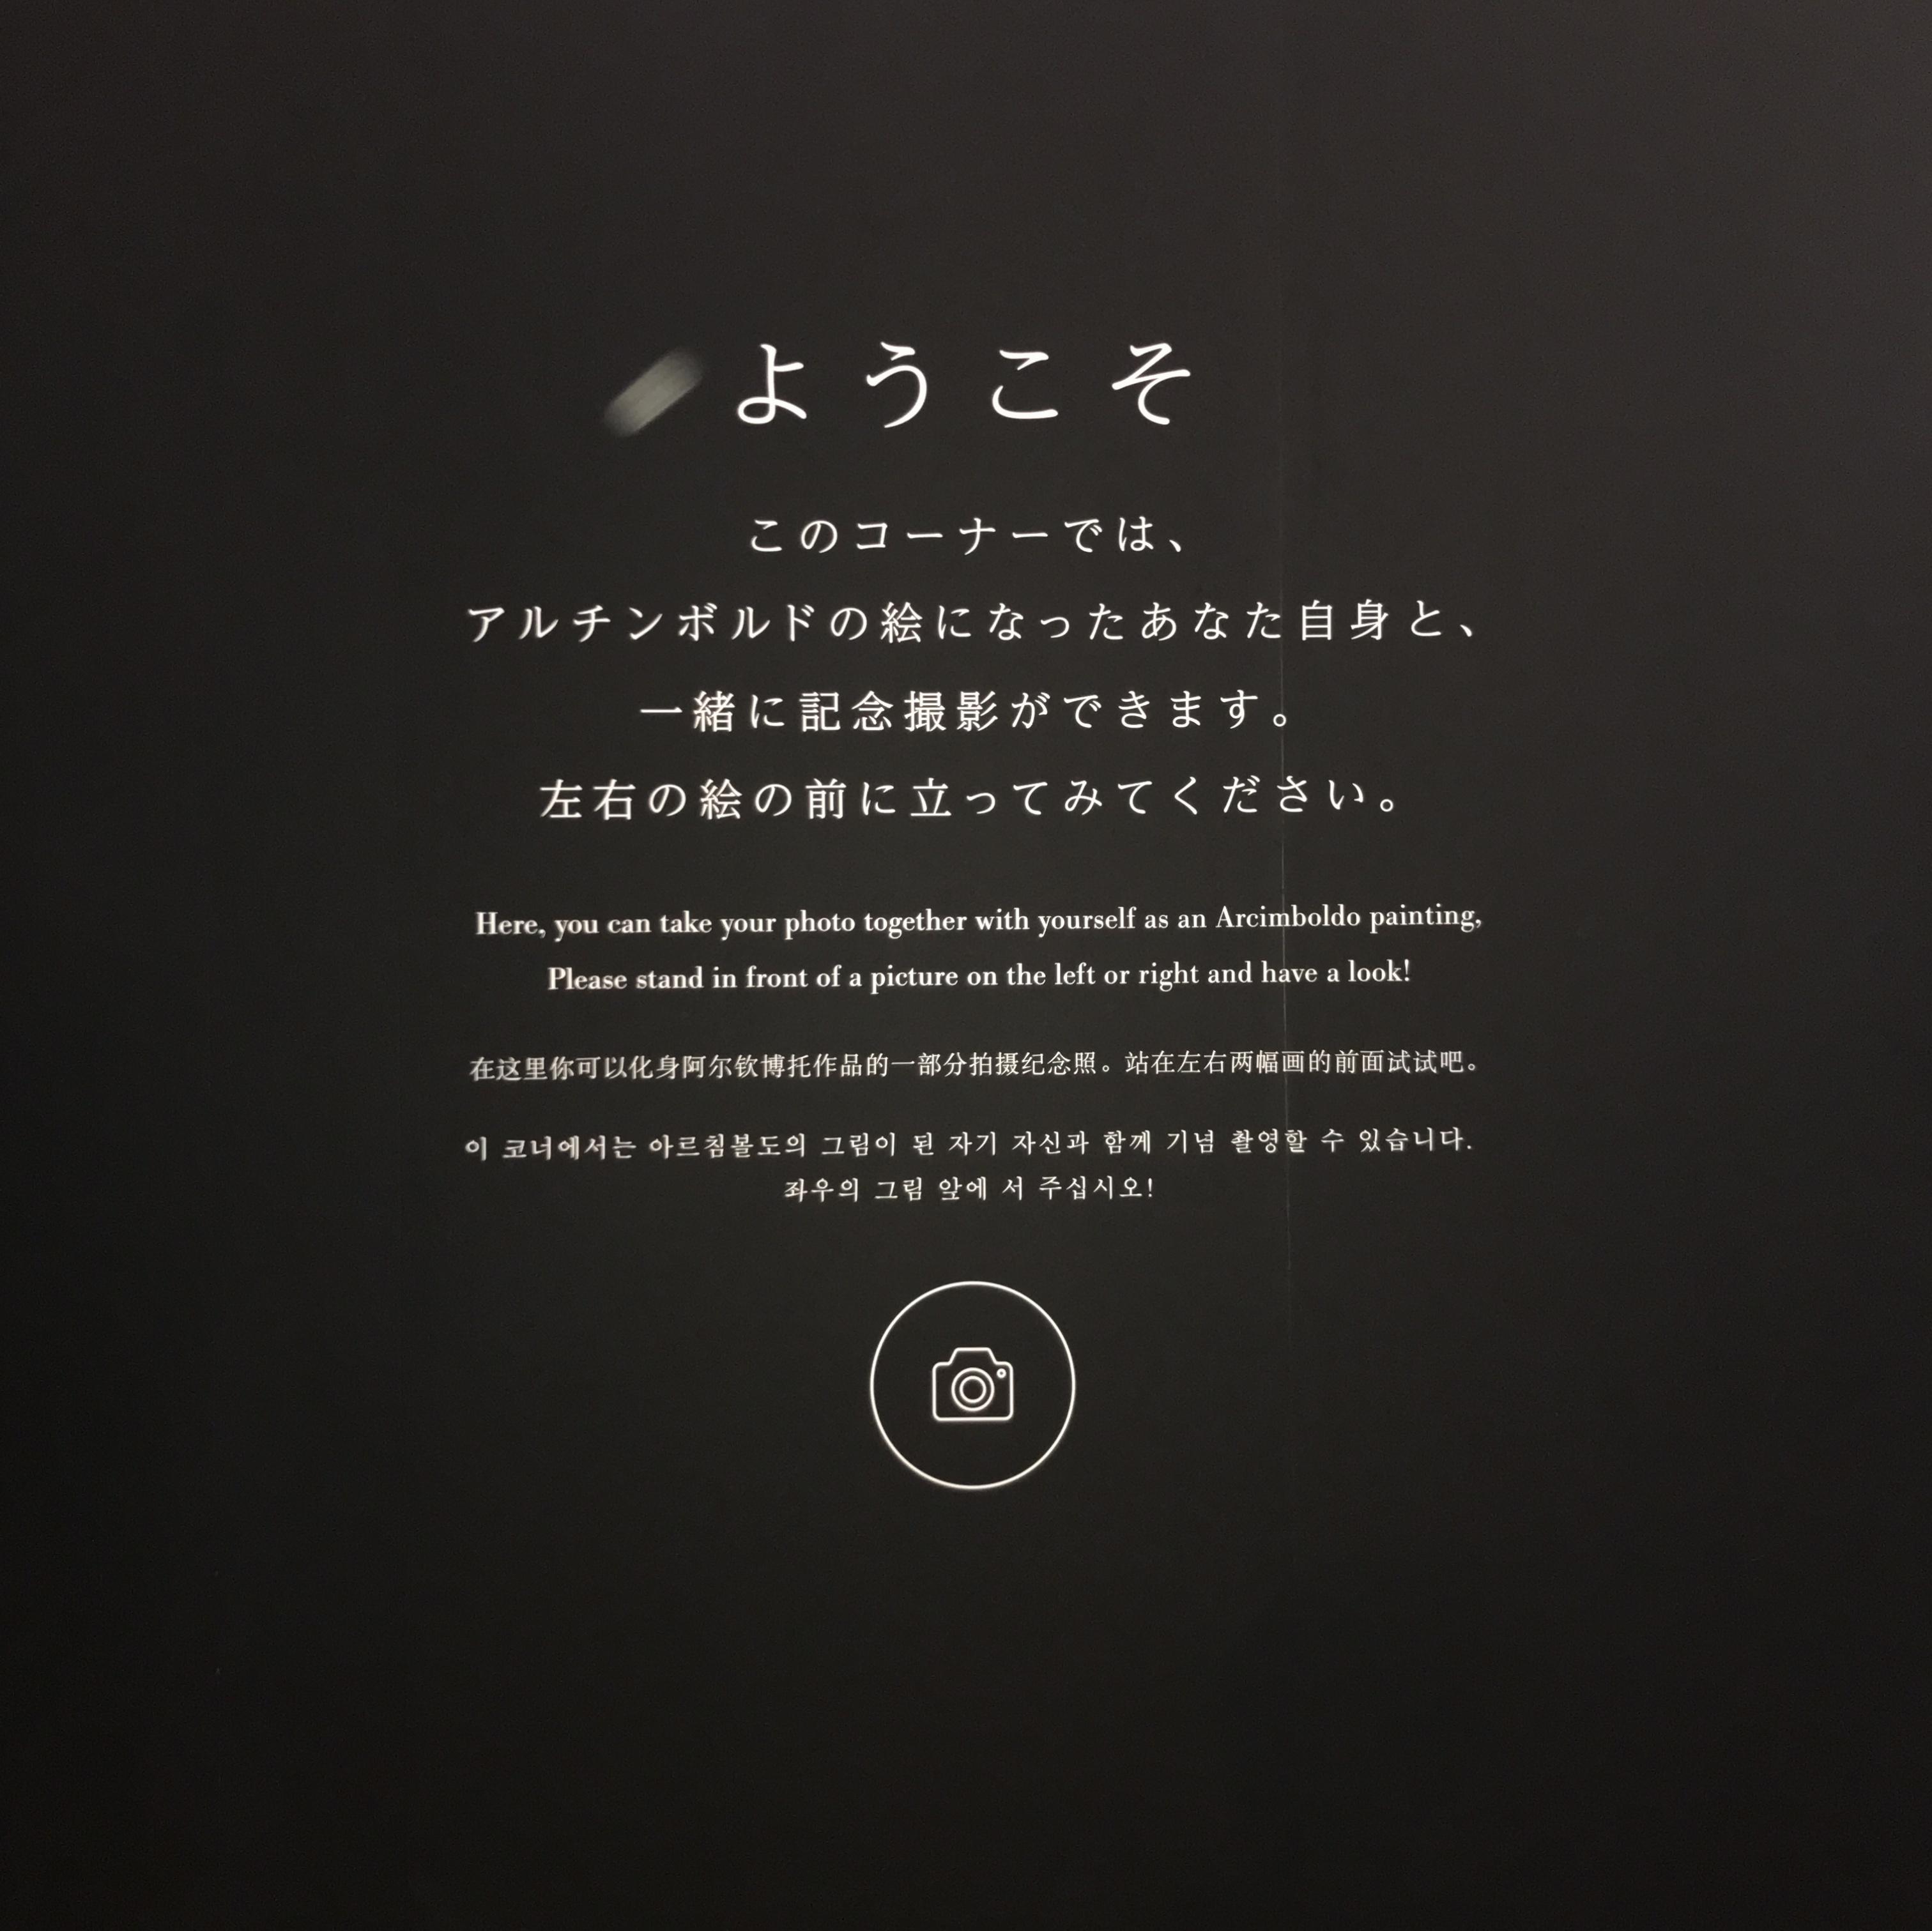 """《芸術の秋》あなたの顔も""""寄せ絵""""に!?【アルチンボルド展】に行ってきました♡_2"""